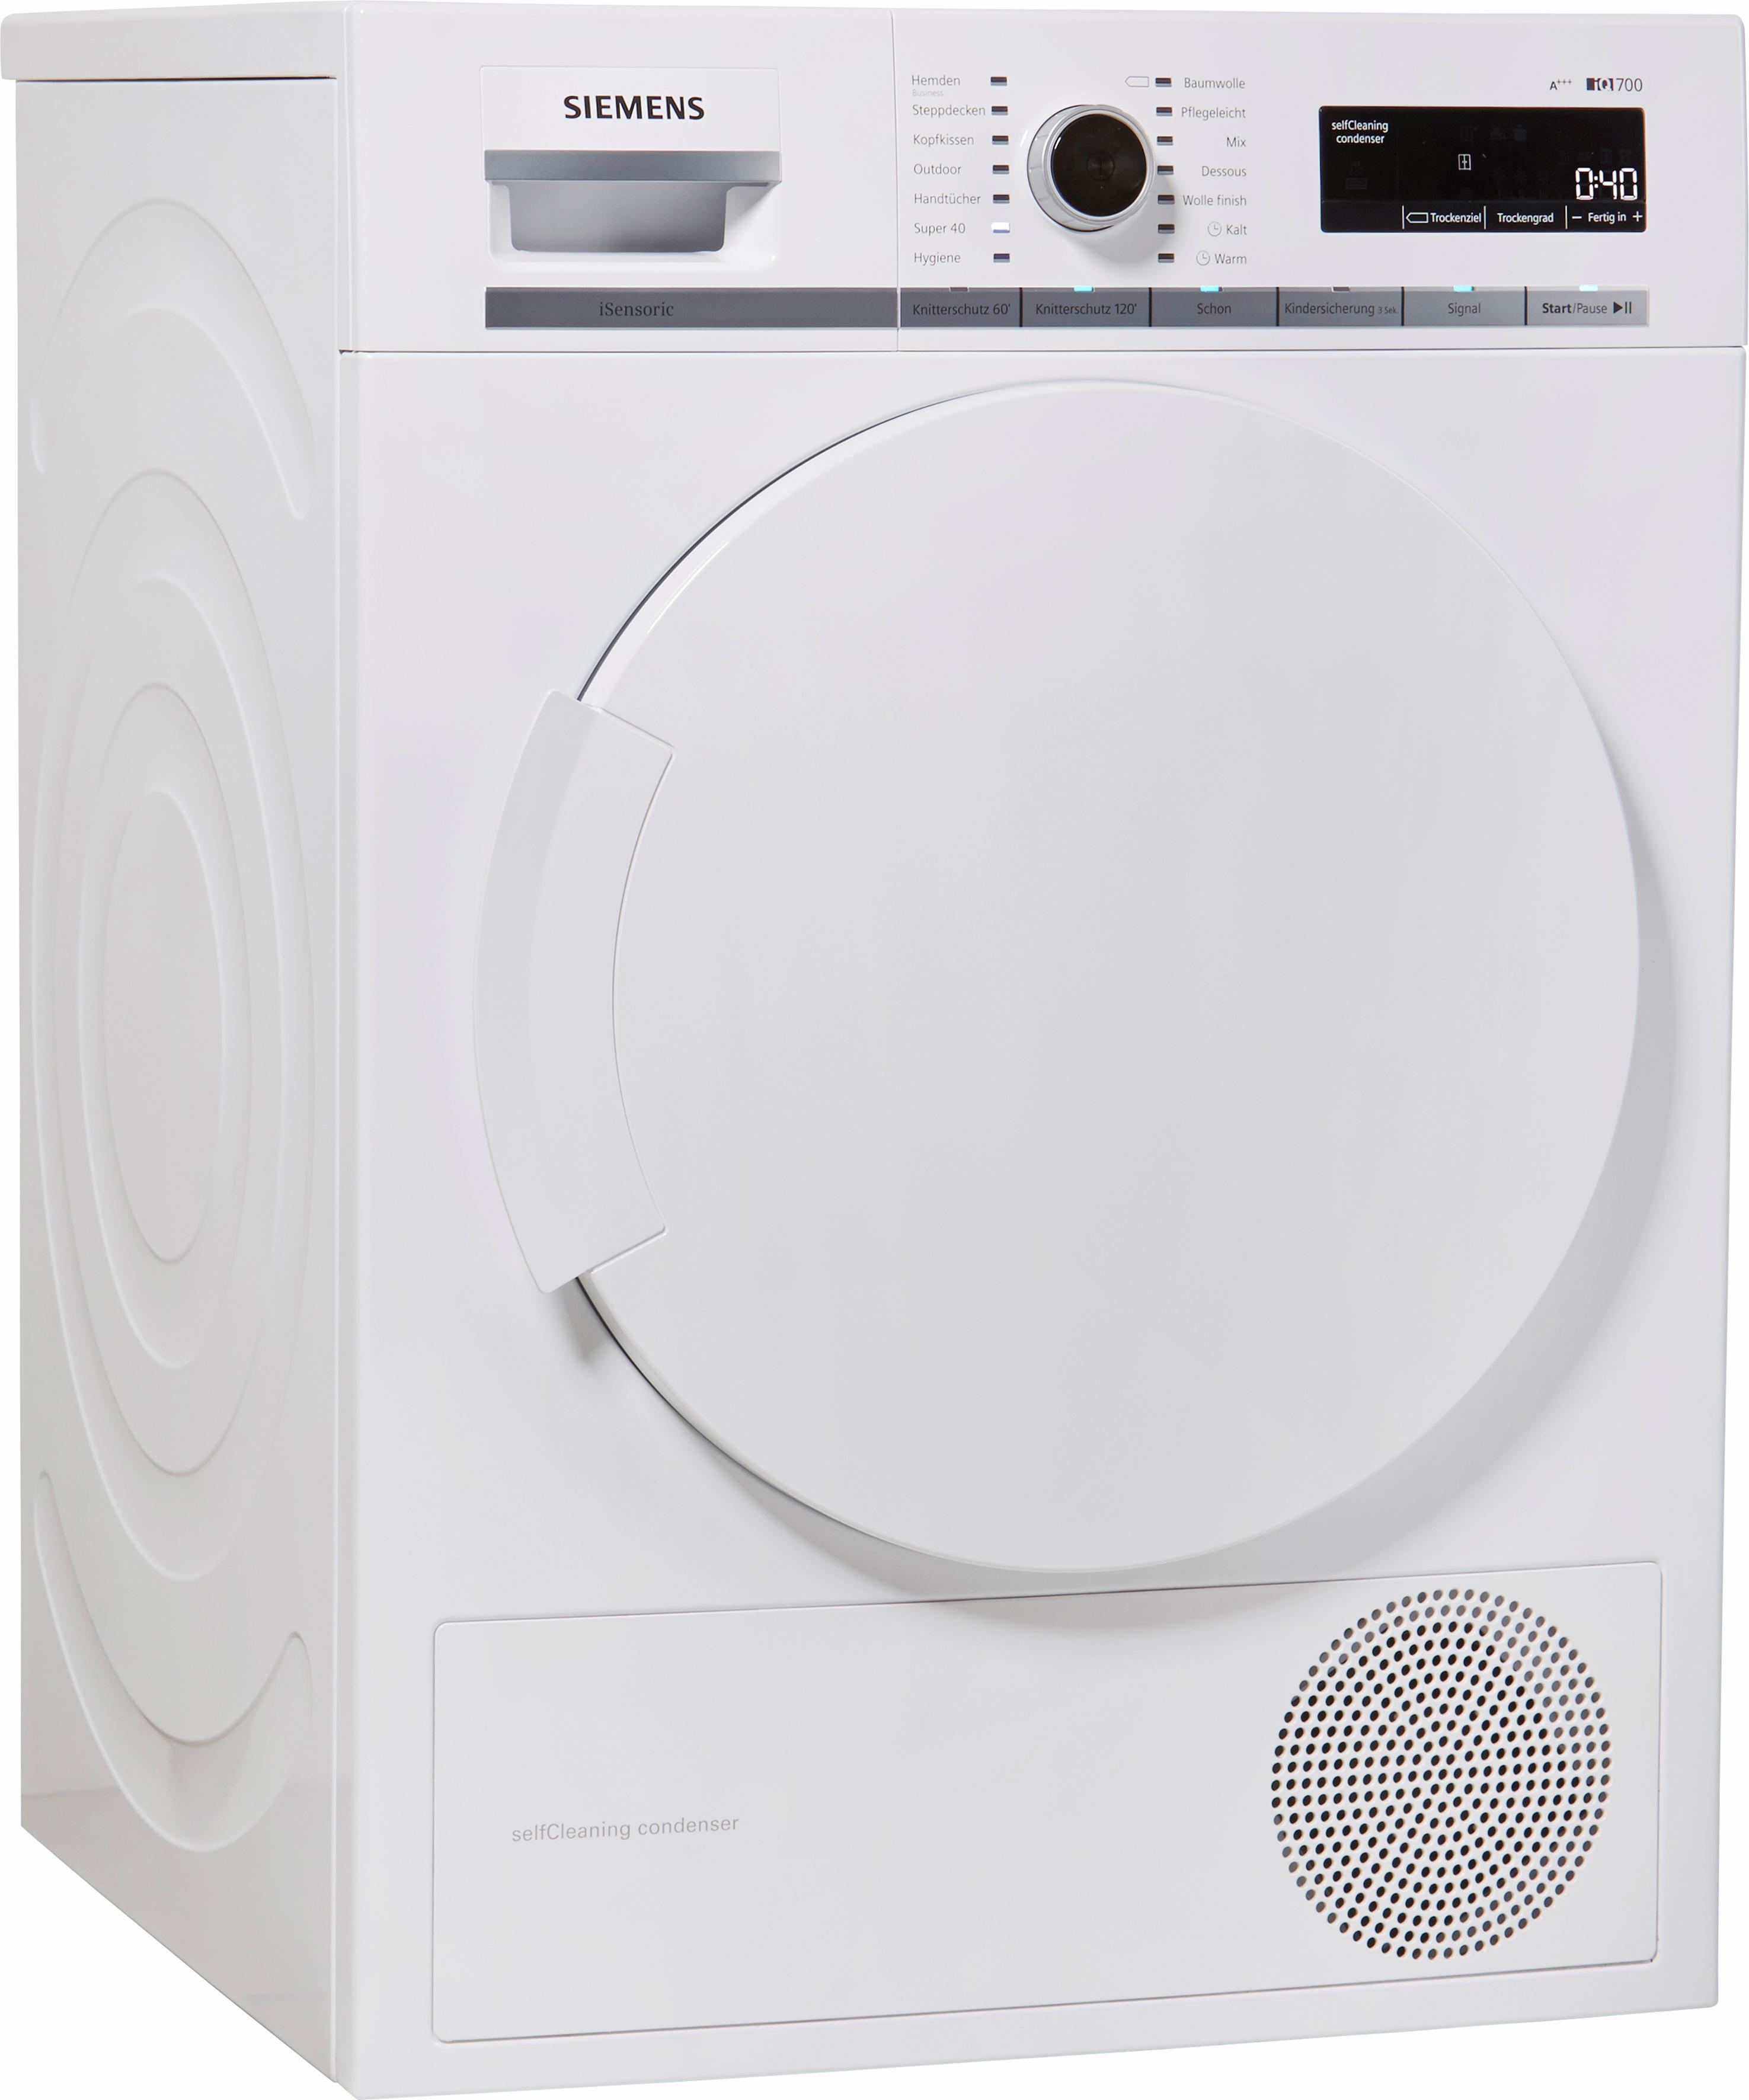 SIEMENS Wärmepumpentrockner iQ700 WT44W5W0, 8 kg | Bad > Waschmaschinen und Trockner | Siemens